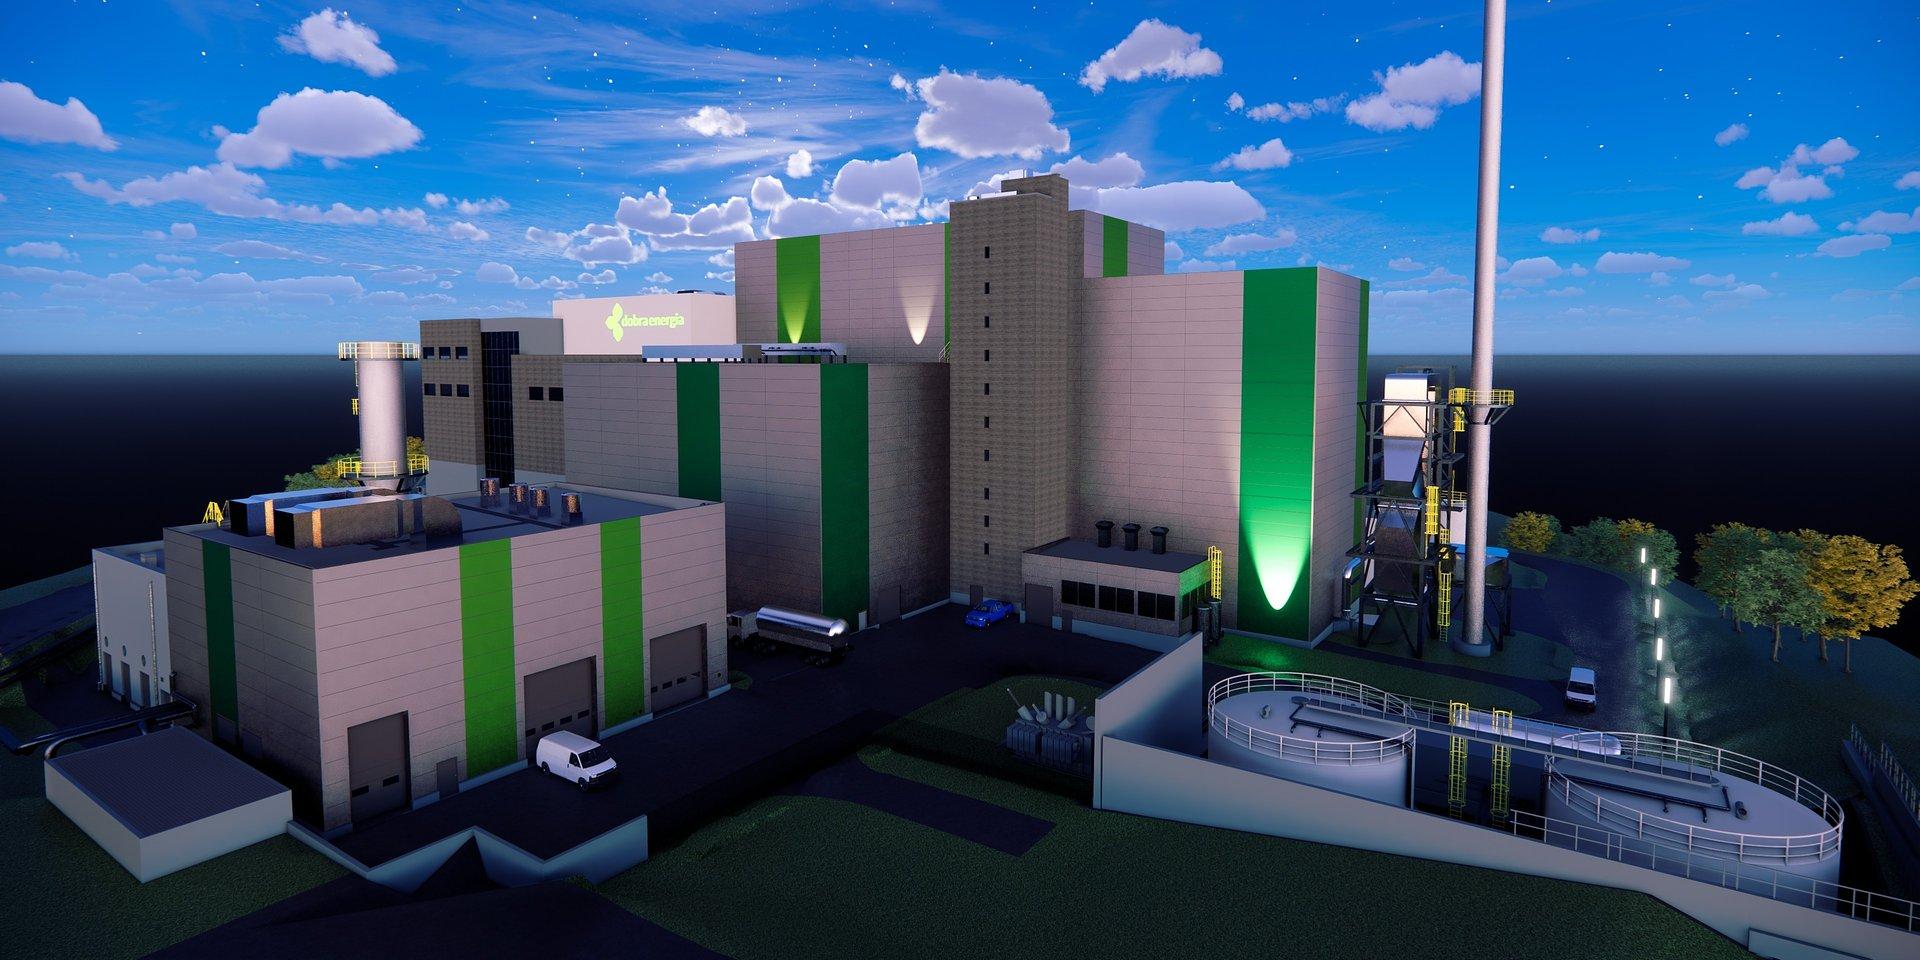 PFR zainwestuje w budowę najnowocześniejszej w Polsce instalacji termicznego przekształcania odpadów